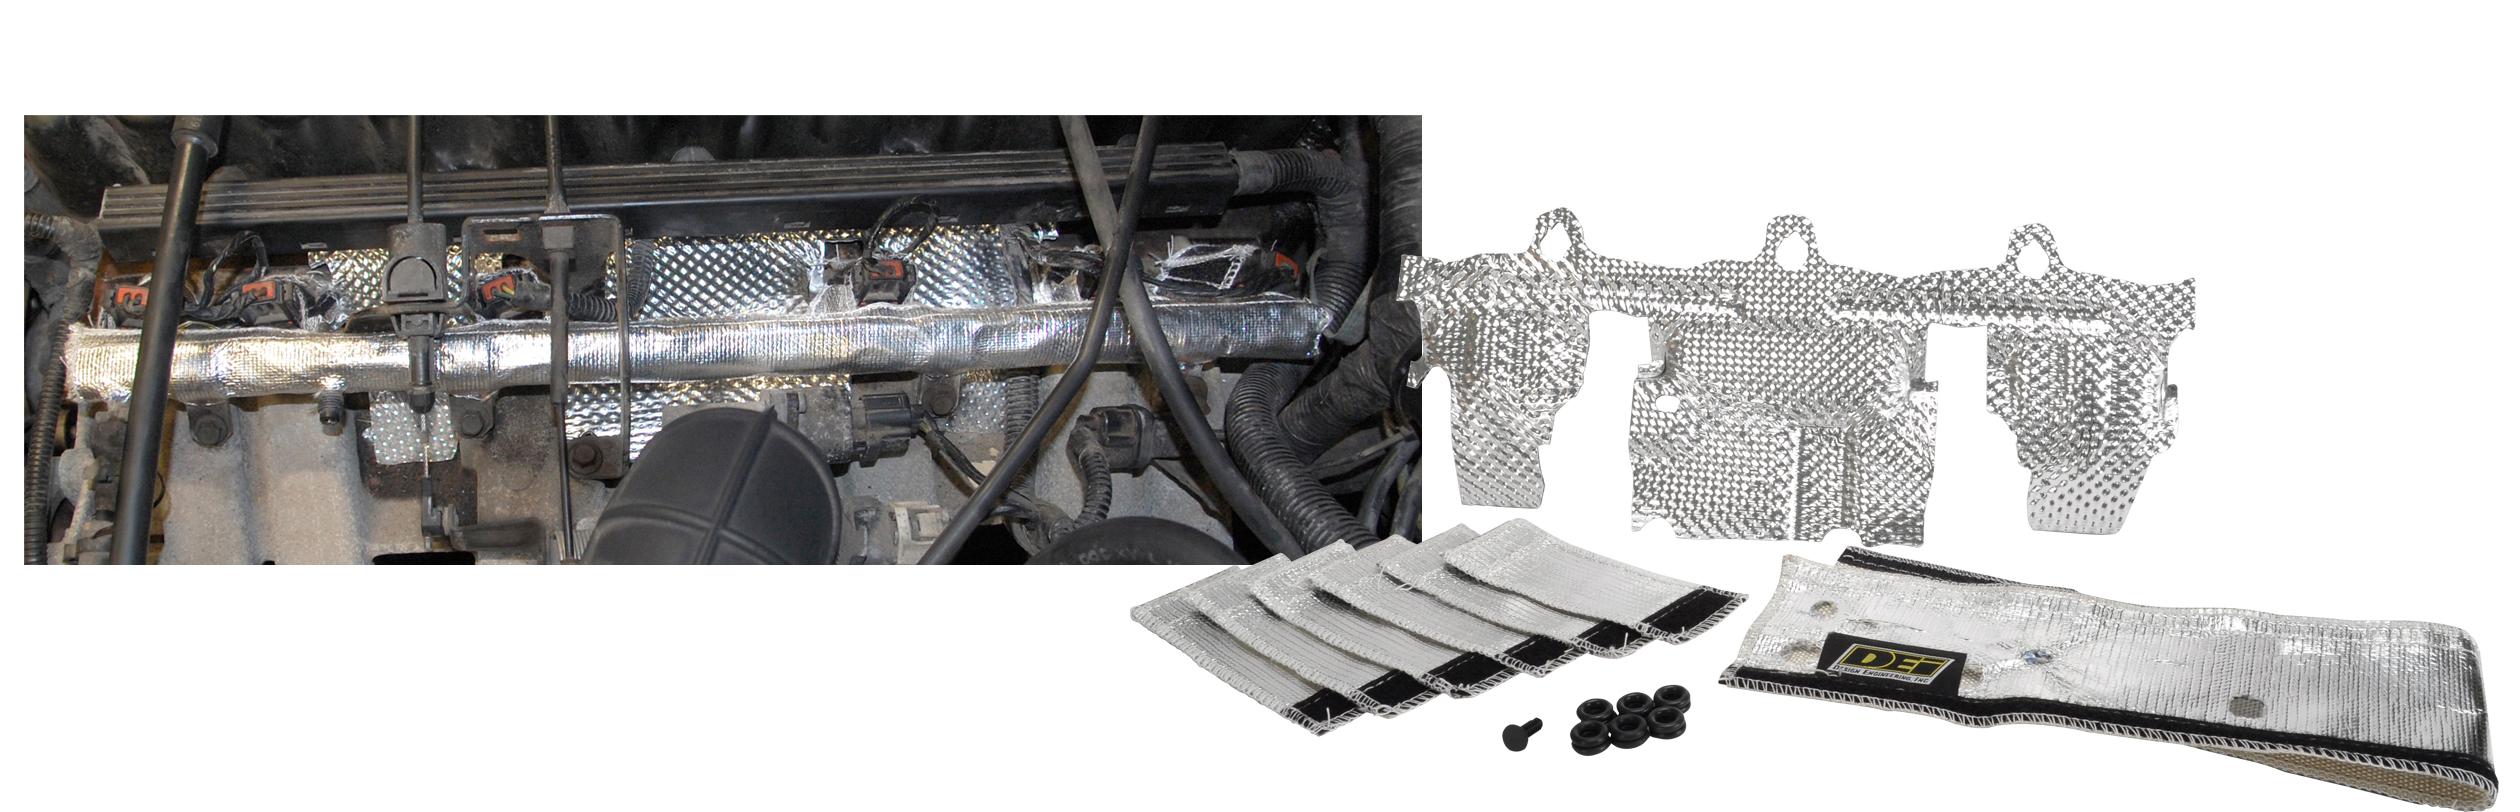 Dei 4 0l Fuel Rail Amp Injector Cover Kit Jpfreek